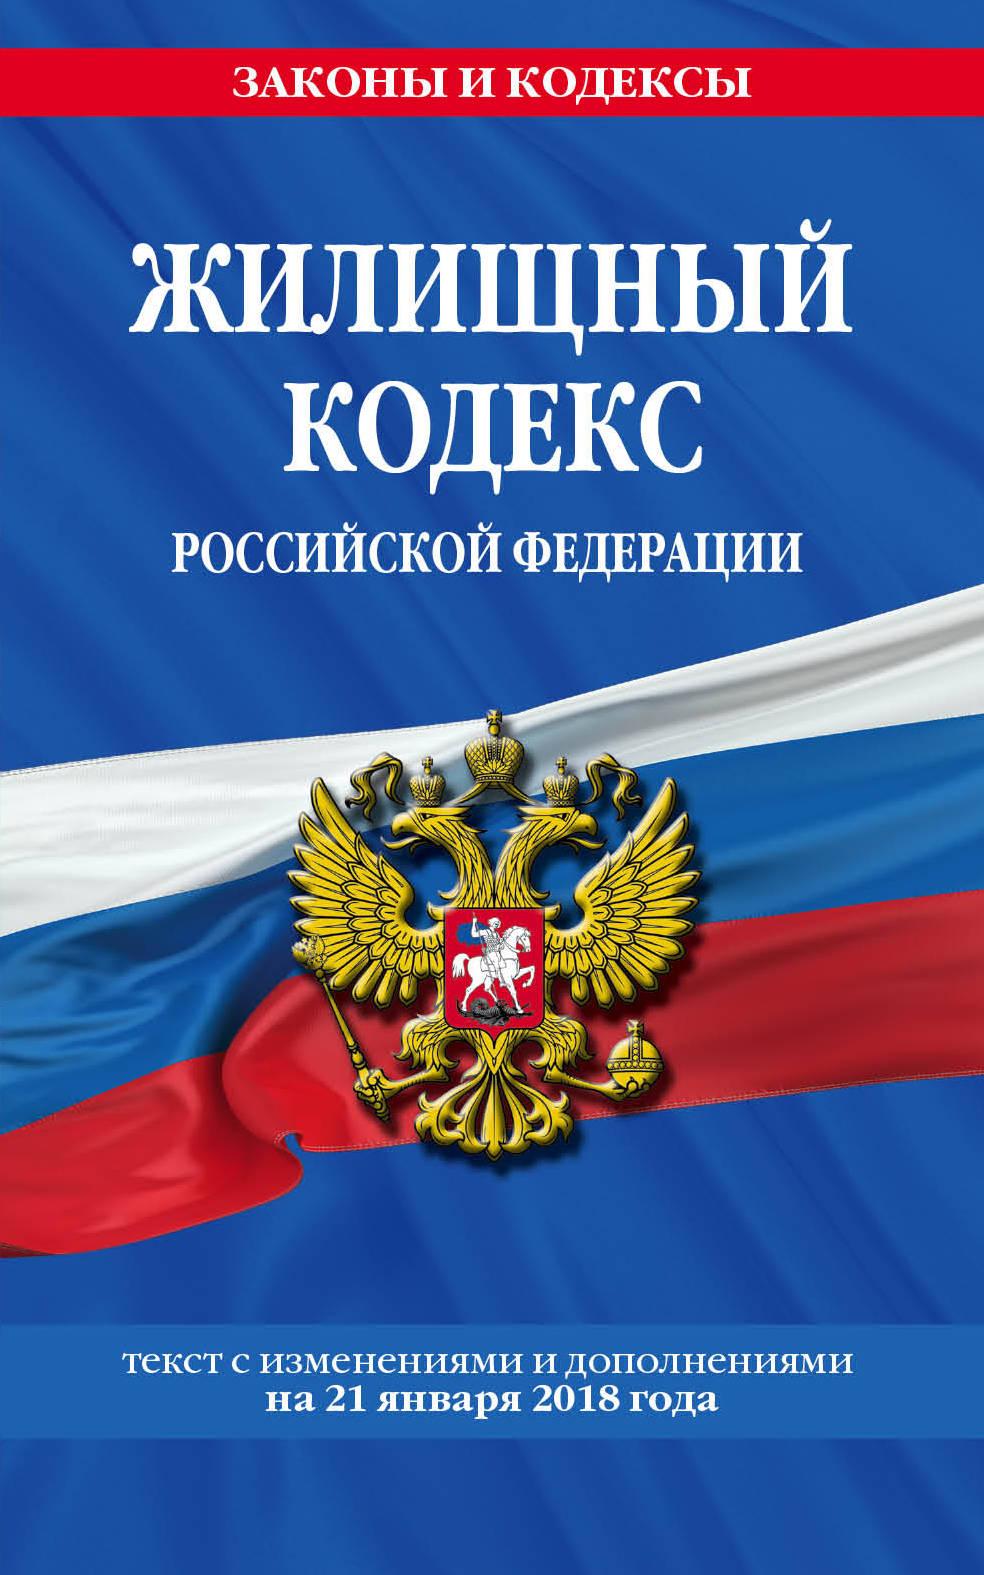 9785040920594 - Жилищный кодекс Российской Федерации - Книга